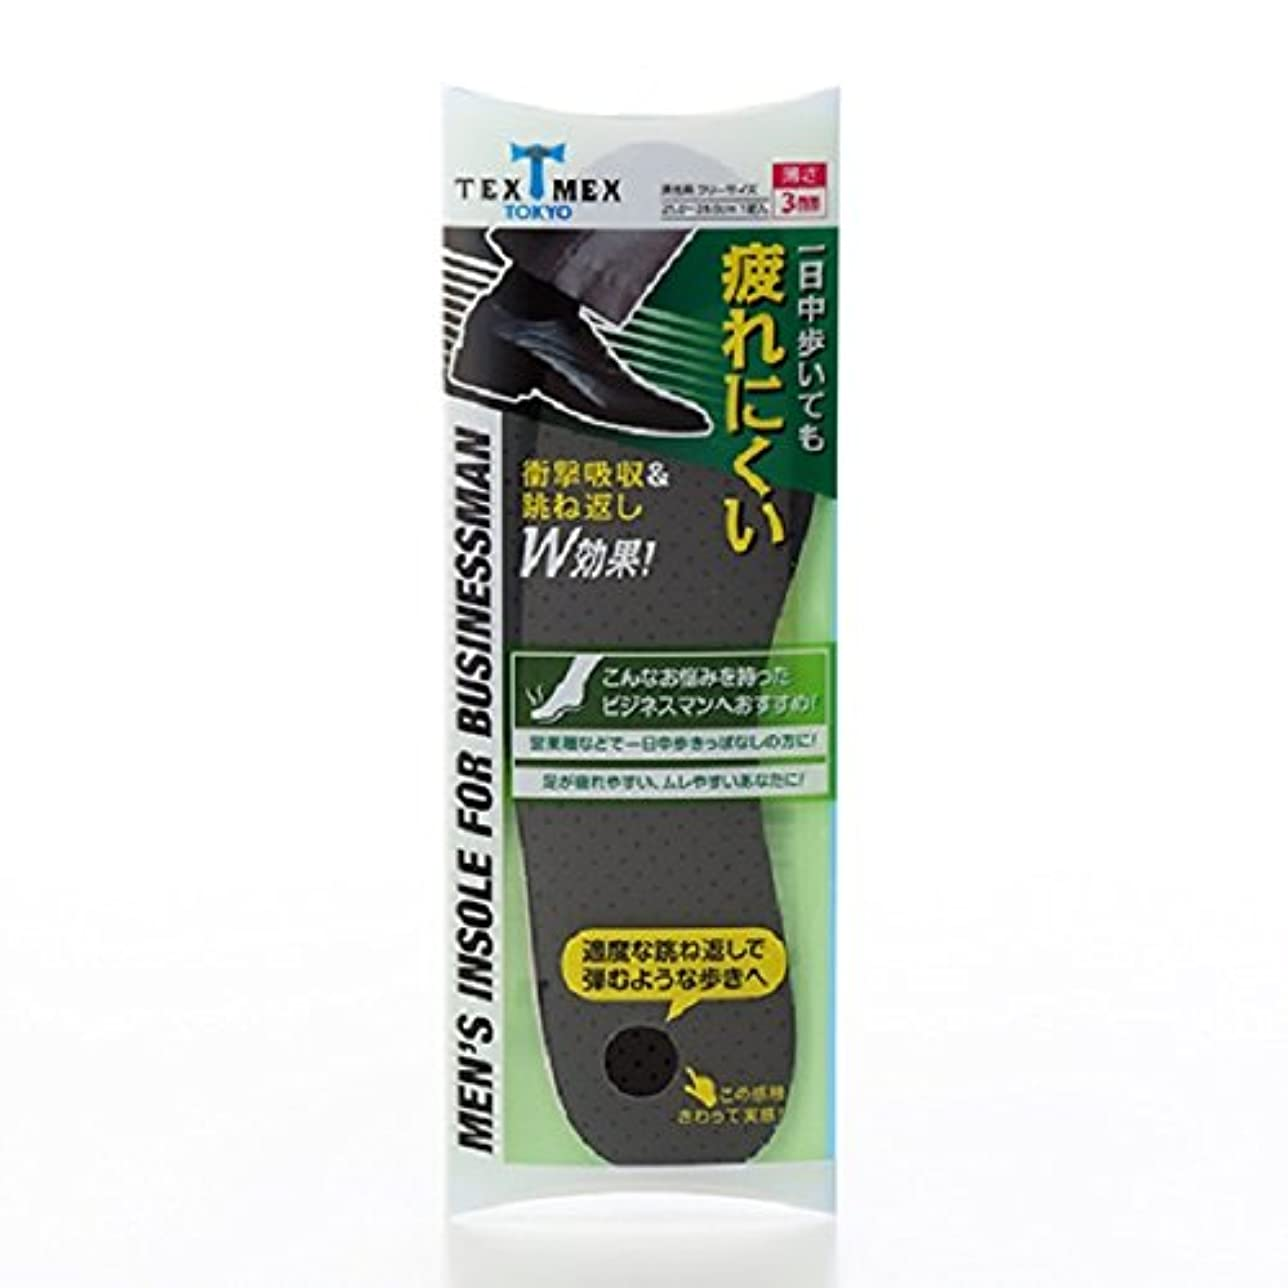 器具血テックスメックス 衝撃吸収メンズインソール 1足分 25cm~28cm (男性用インソール) 【足の疲れや痛み、ムレ対策に】